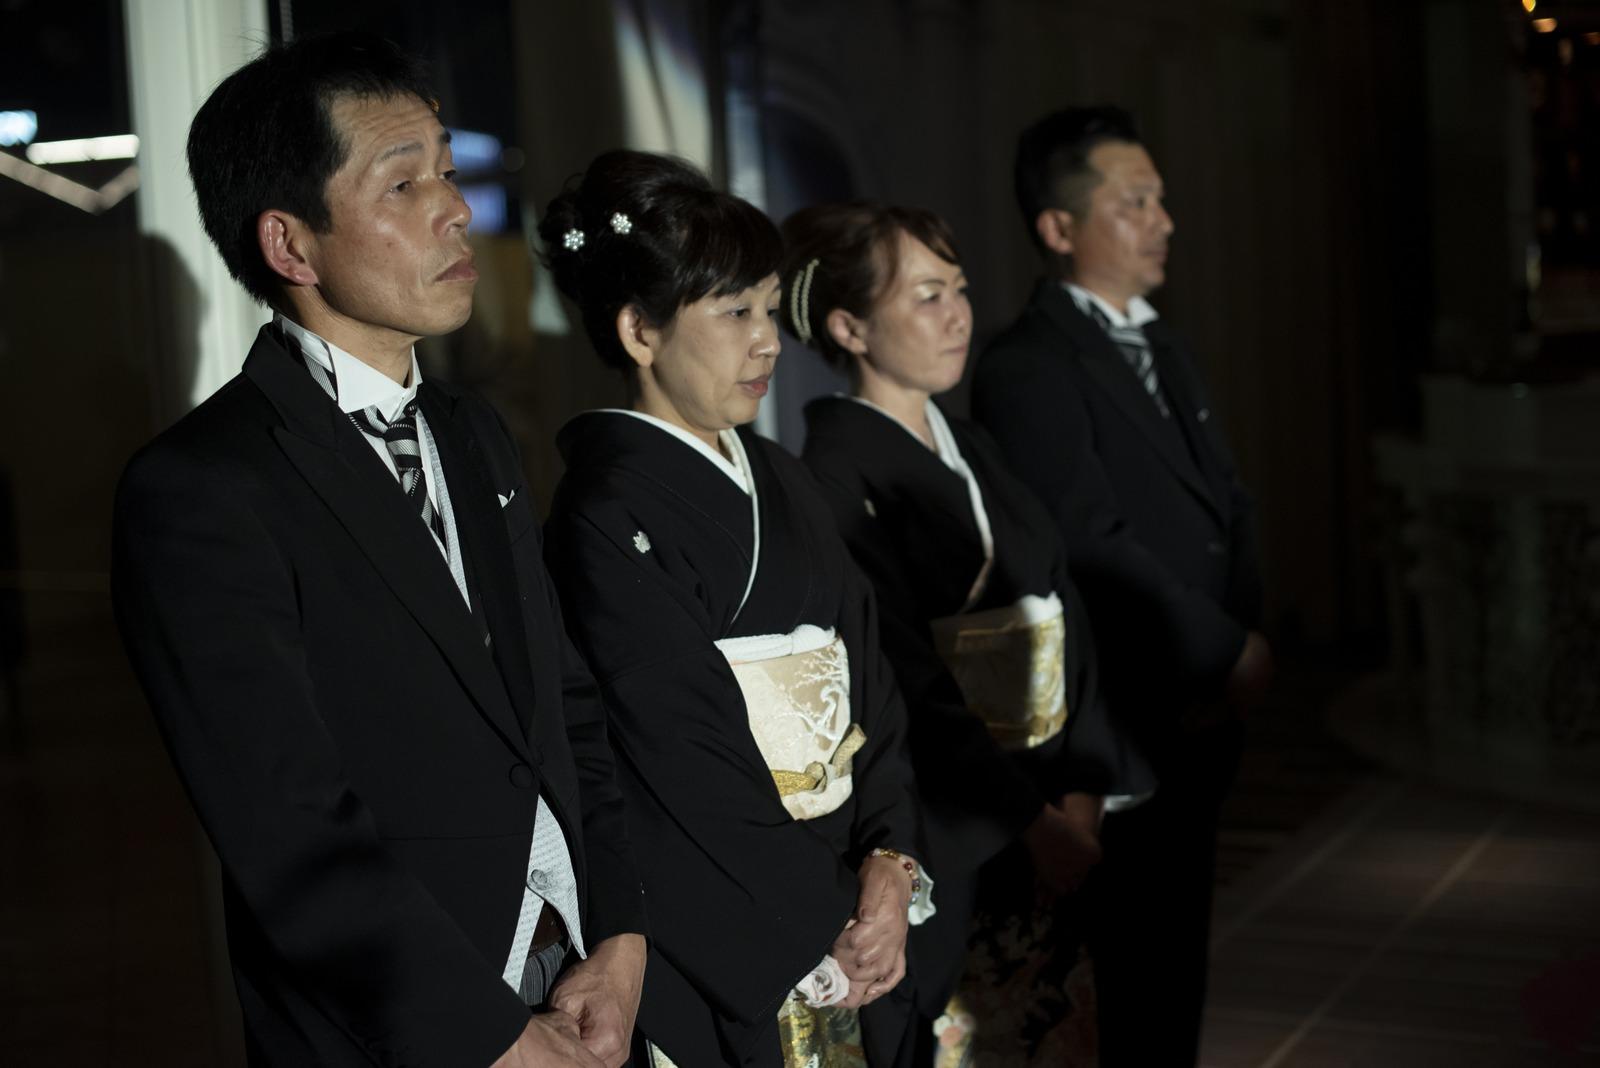 徳島市の結婚式場ブランアンジュで今までの両親の感謝の気持ちを素直に伝えられるシーン